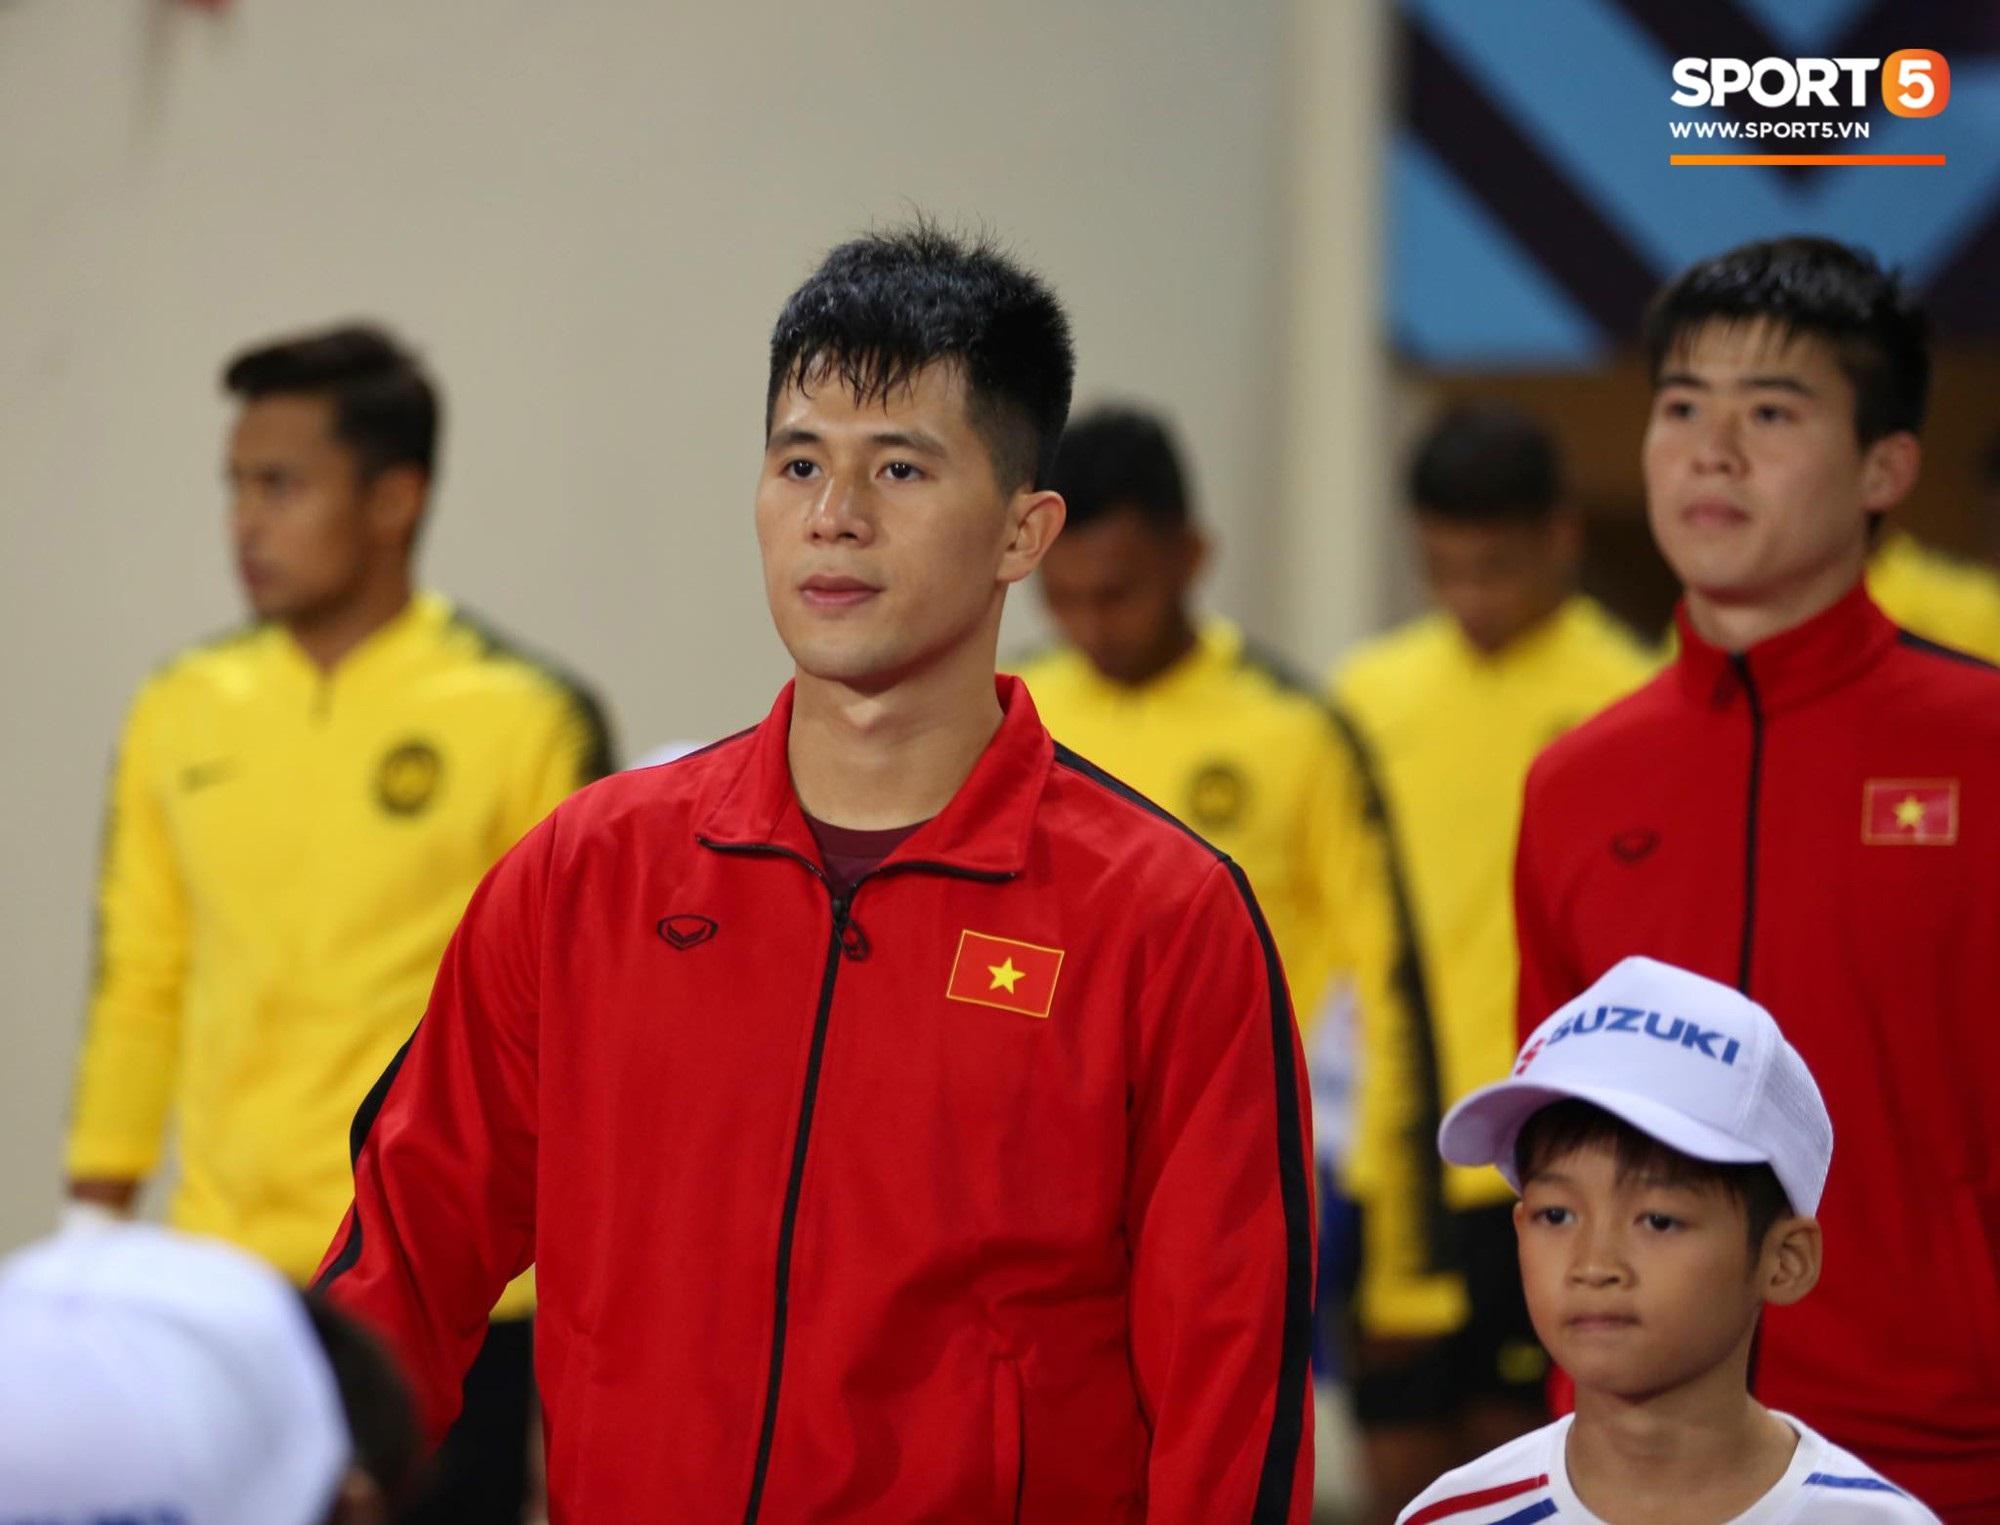 Giây phút chào cờ xúc động của đội tuyển Việt Nam, Đình Trọng, Hồng Duy cùng cầu nguyện trước khi xung trận - Ảnh 4